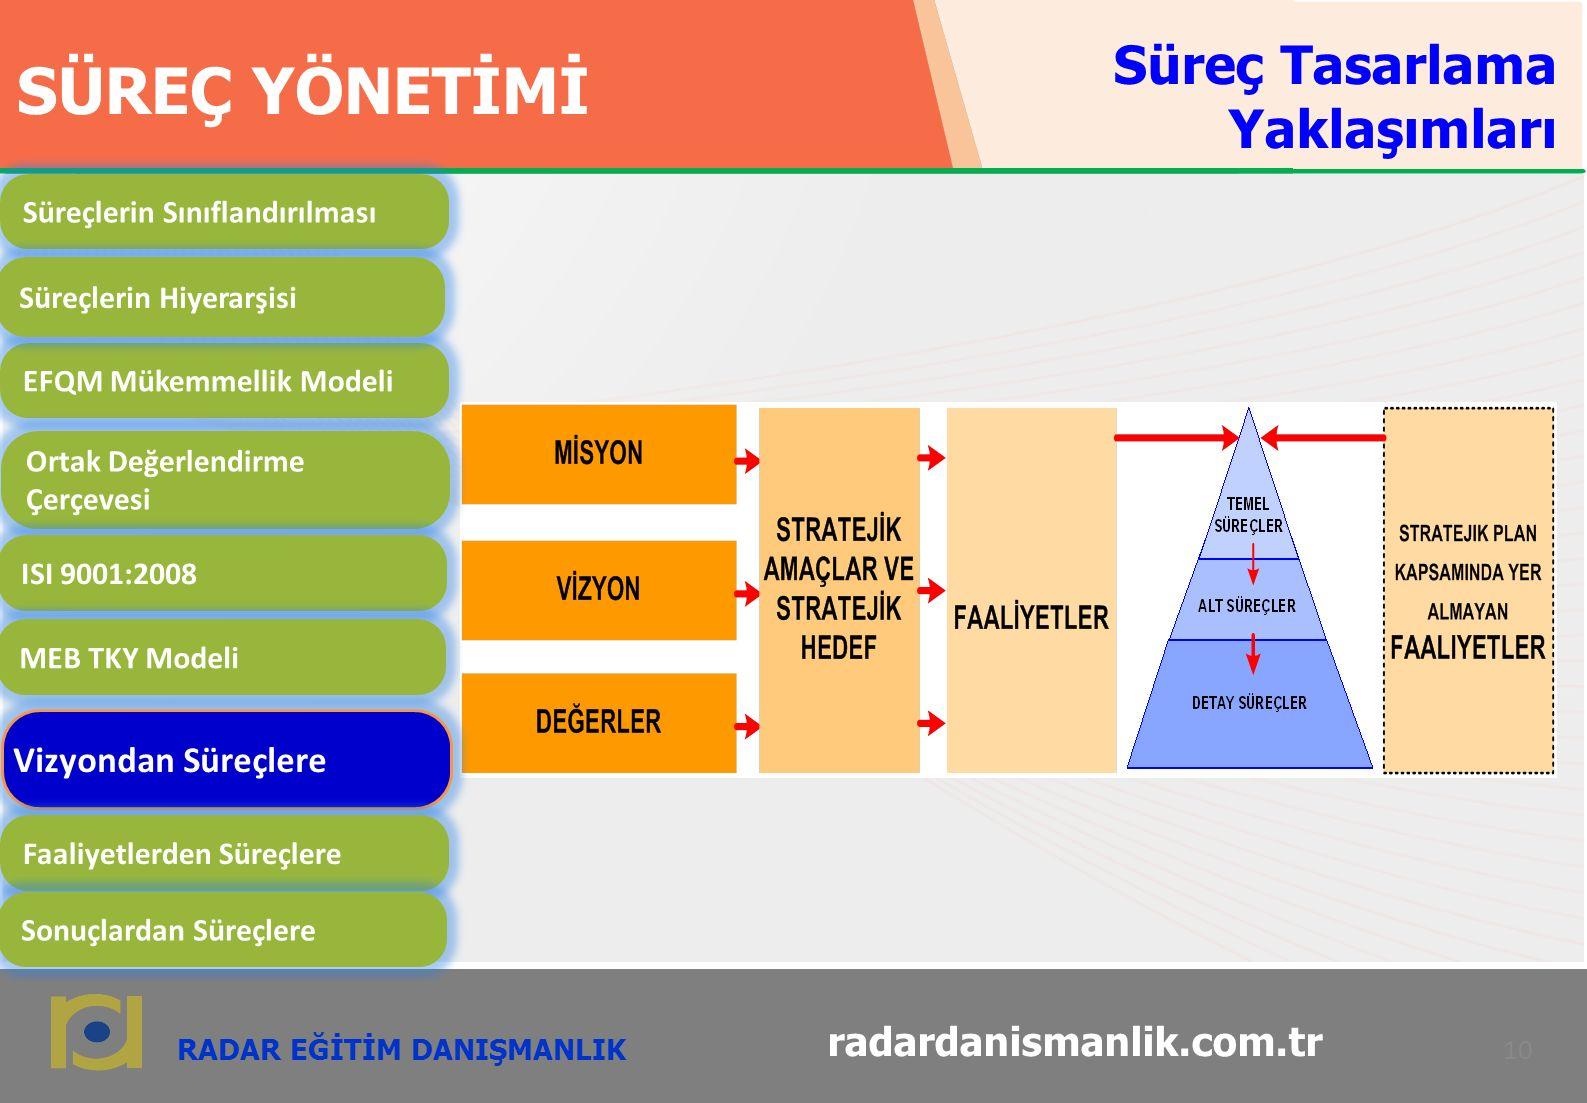 RADAR EĞİTİM DANIŞMANLIK 10 radardanismanlik.com.tr SÜREÇ YÖNETİMİ EFQM Mükemmellik Modeli Ortak Değerlendirme Çerçevesi ISI 9001:2008 MEB TKY Modeli Vizyondan Süreçlere Faaliyetlerden Süreçlere Sonuçlardan Süreçlere Süreçlerin Sınıflandırılması Süreçlerin Hiyerarşisi Süreç Tasarlama Yaklaşımları